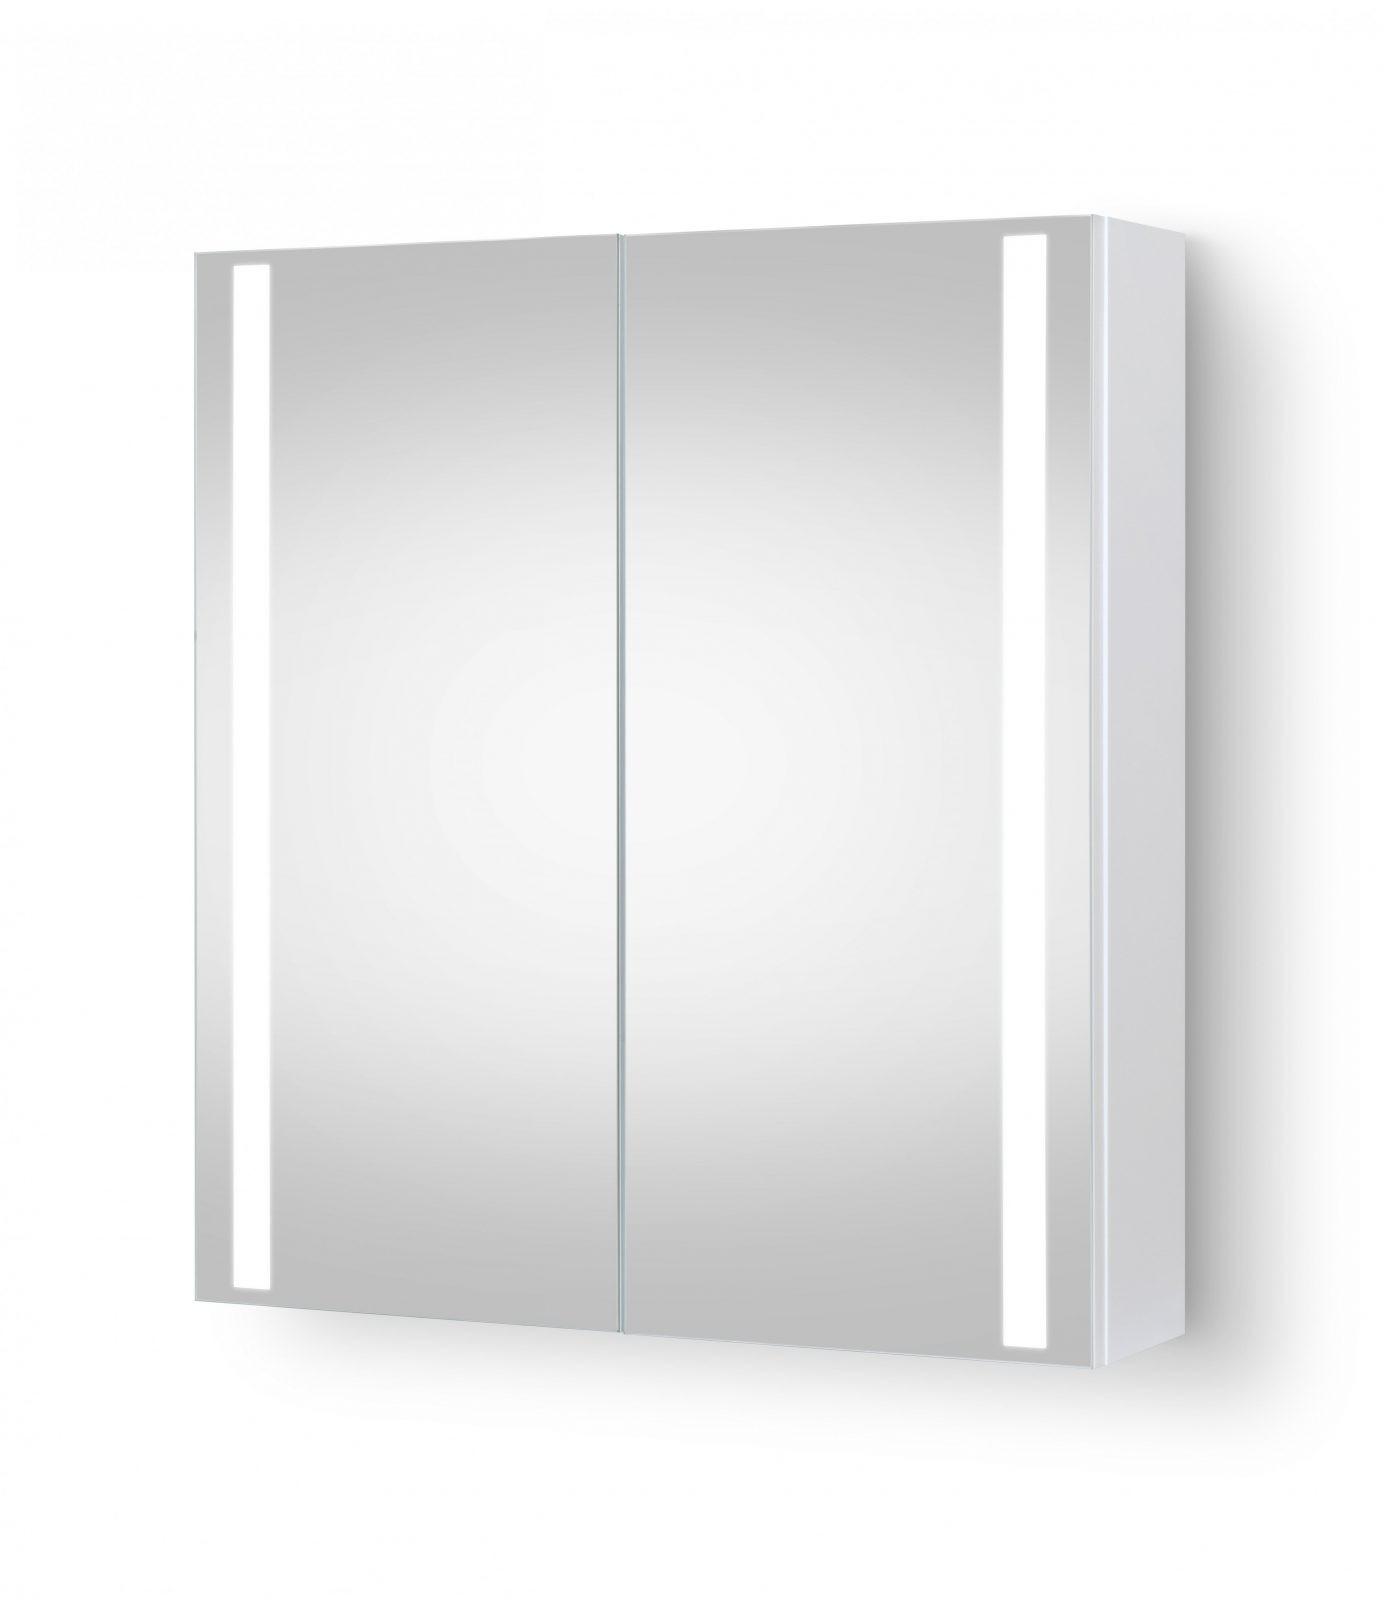 Spiegelschrank Mit Led Beleuchtung 60 Cm – Möbel Shop von Bad Spiegelschrank Led Leuchte Bild